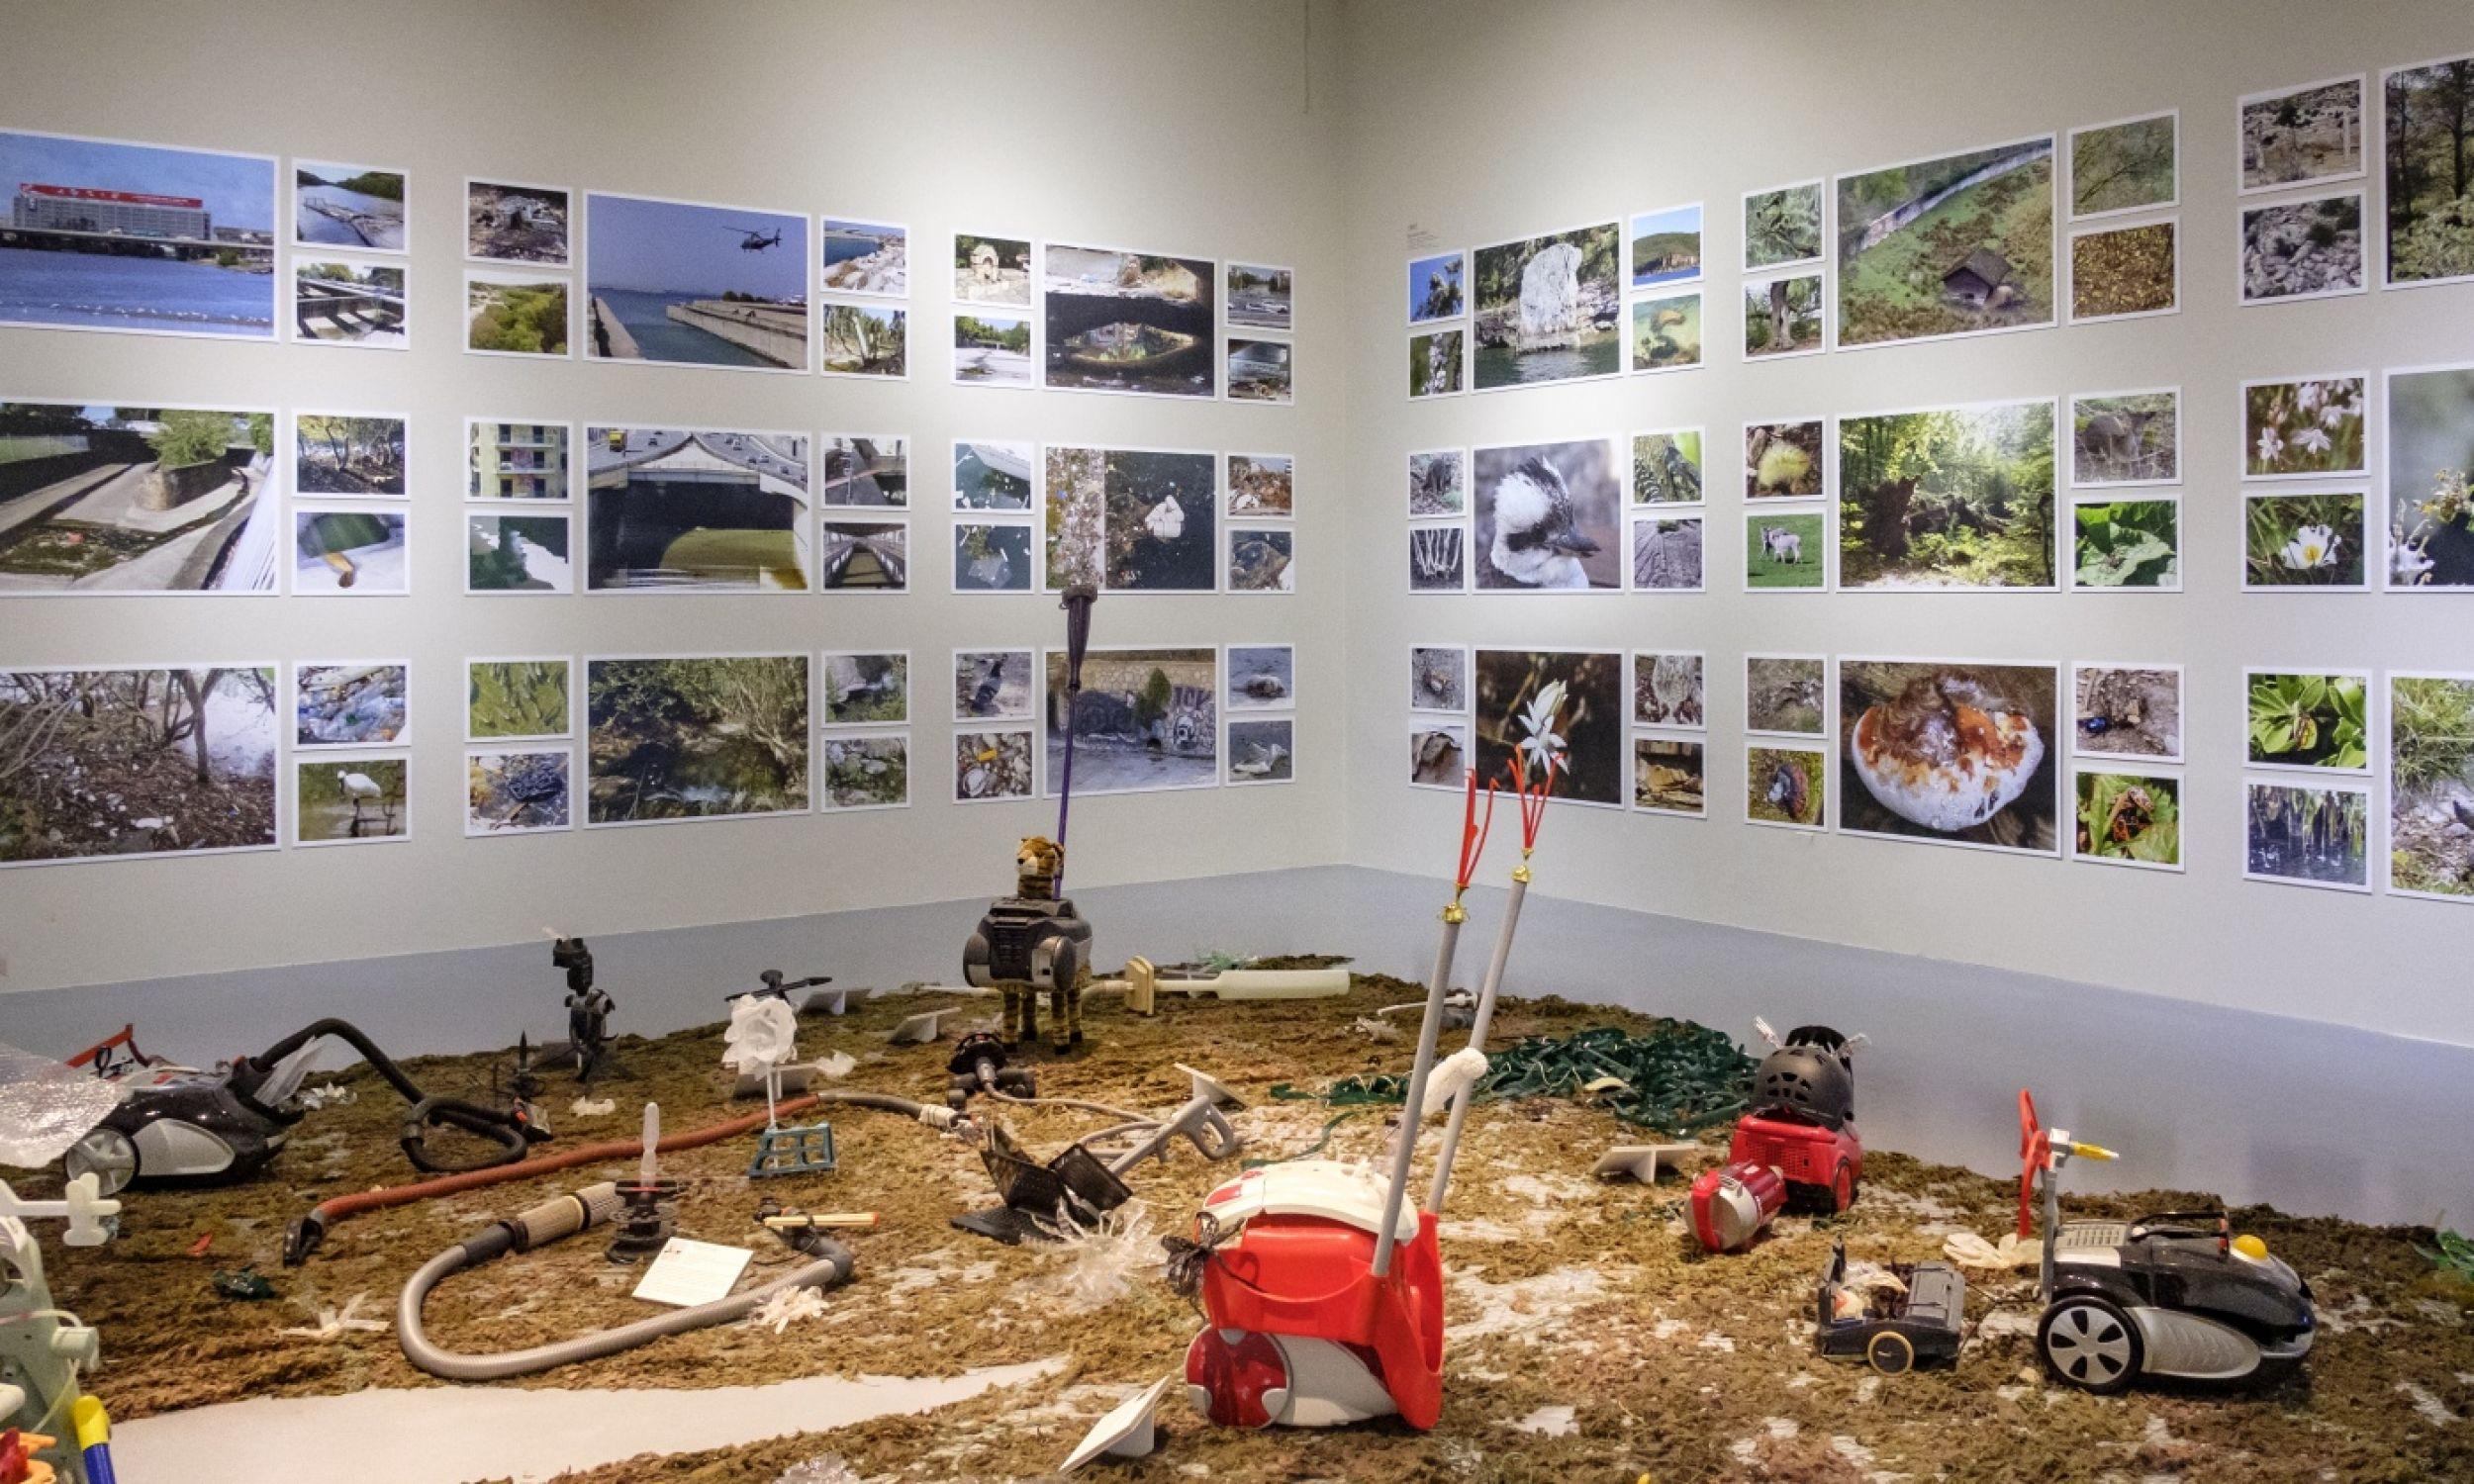 """Widok wystawy """"Bezludzka Ziemia"""" w ramach projektu Plastyczność planety. Fot. Bartosz Górka/U-jazdowski"""